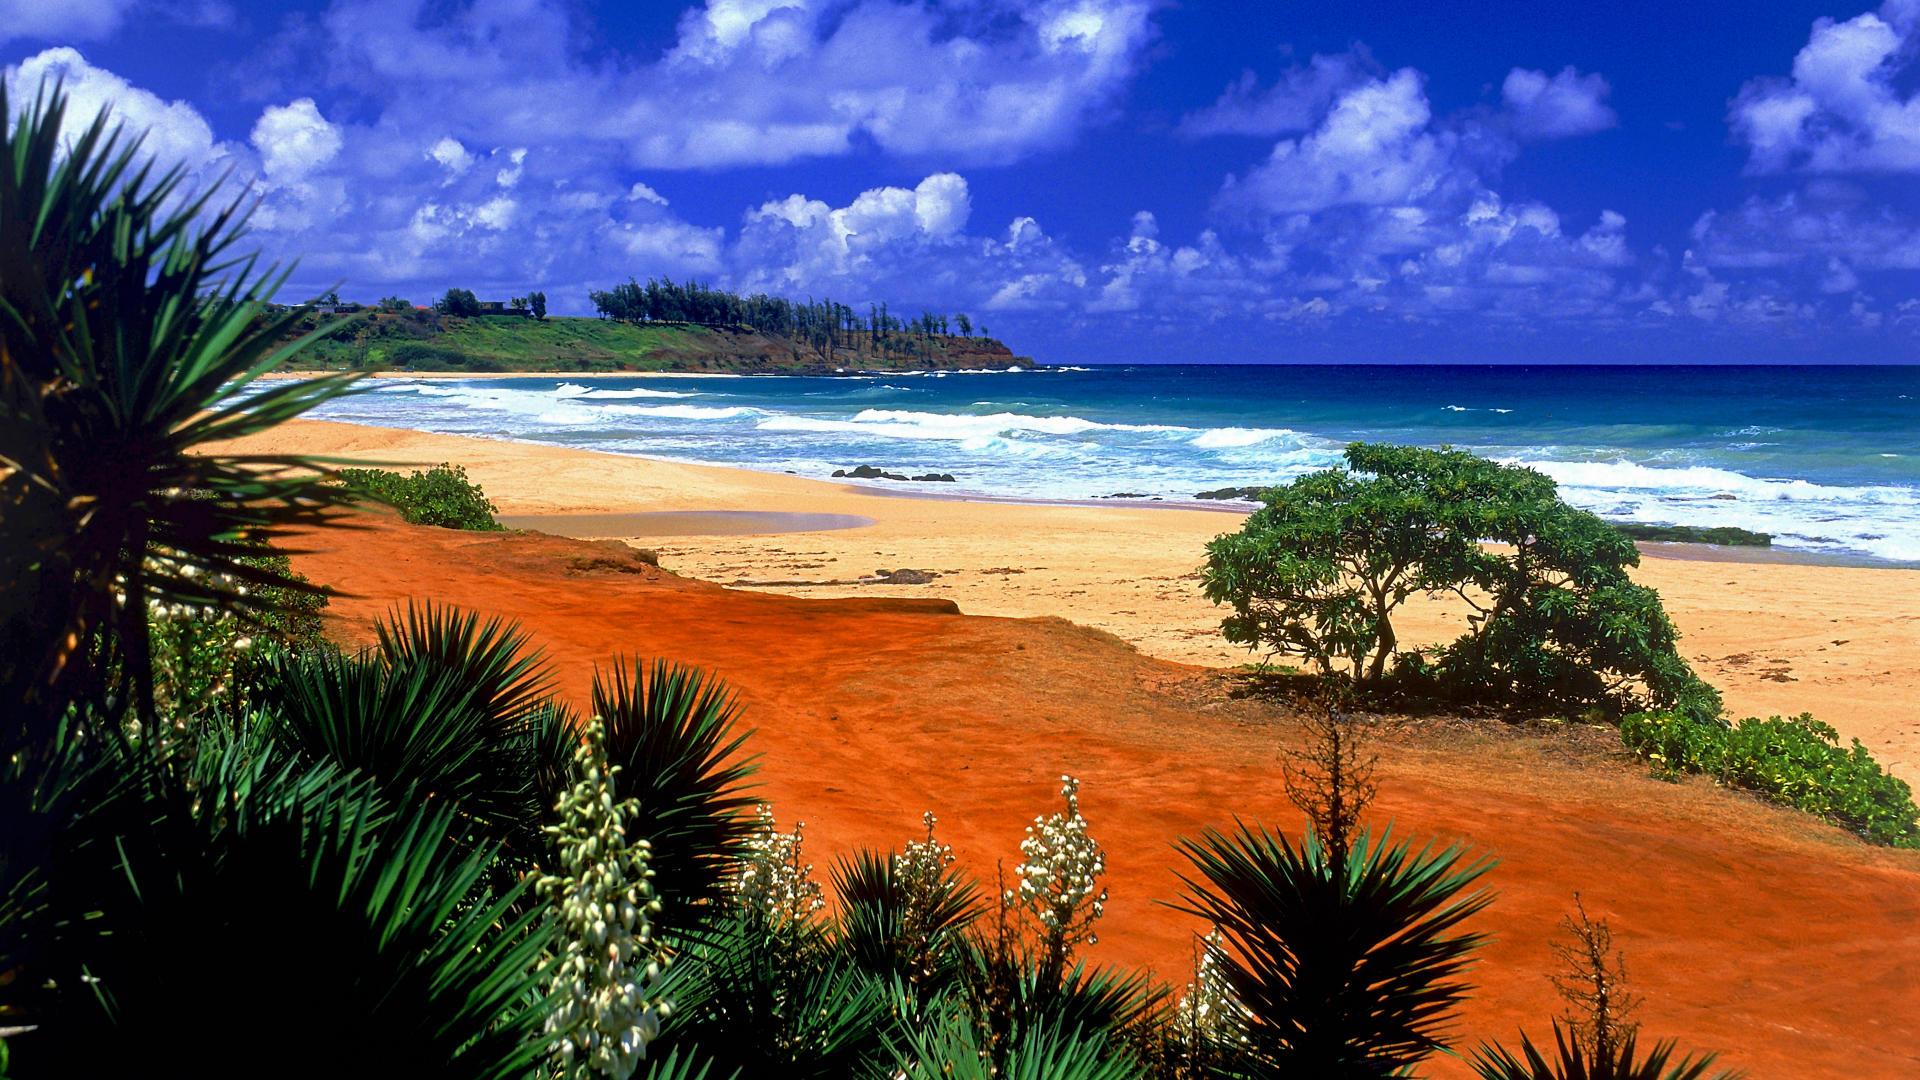 Hawaii Beach wallpaper - 271124